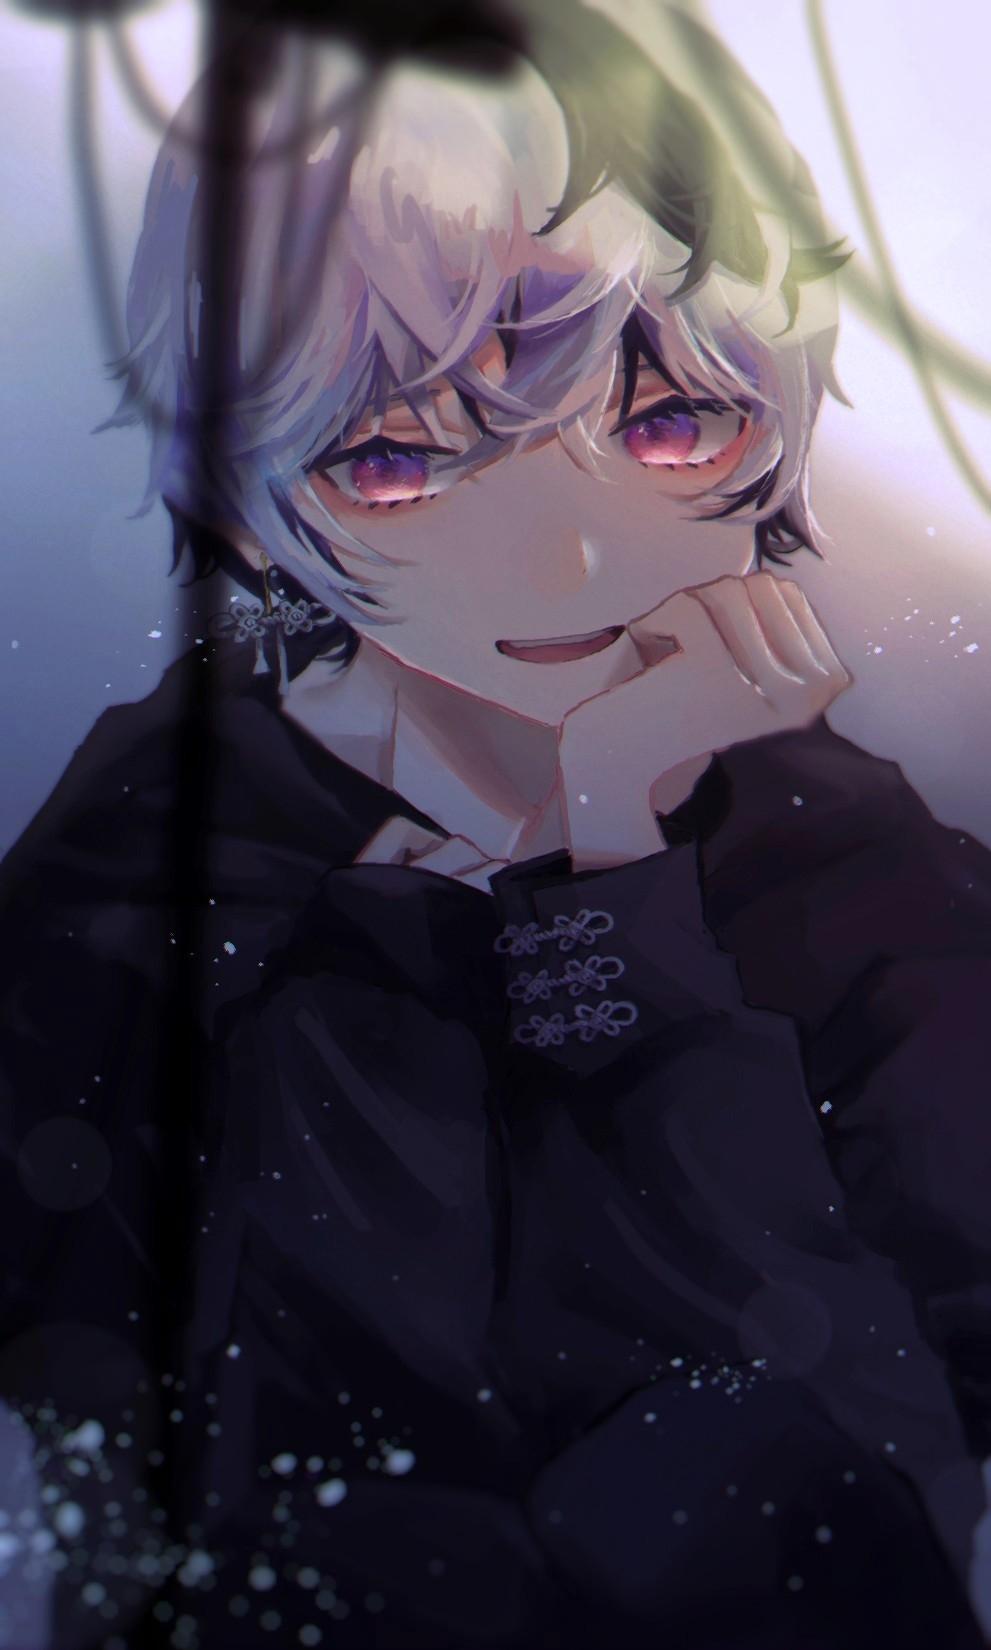 V Flower 2428898 Fullsize Image 991x1650 Zerochan In 2020 Vocaloid Cute Anime Guys Anime Images